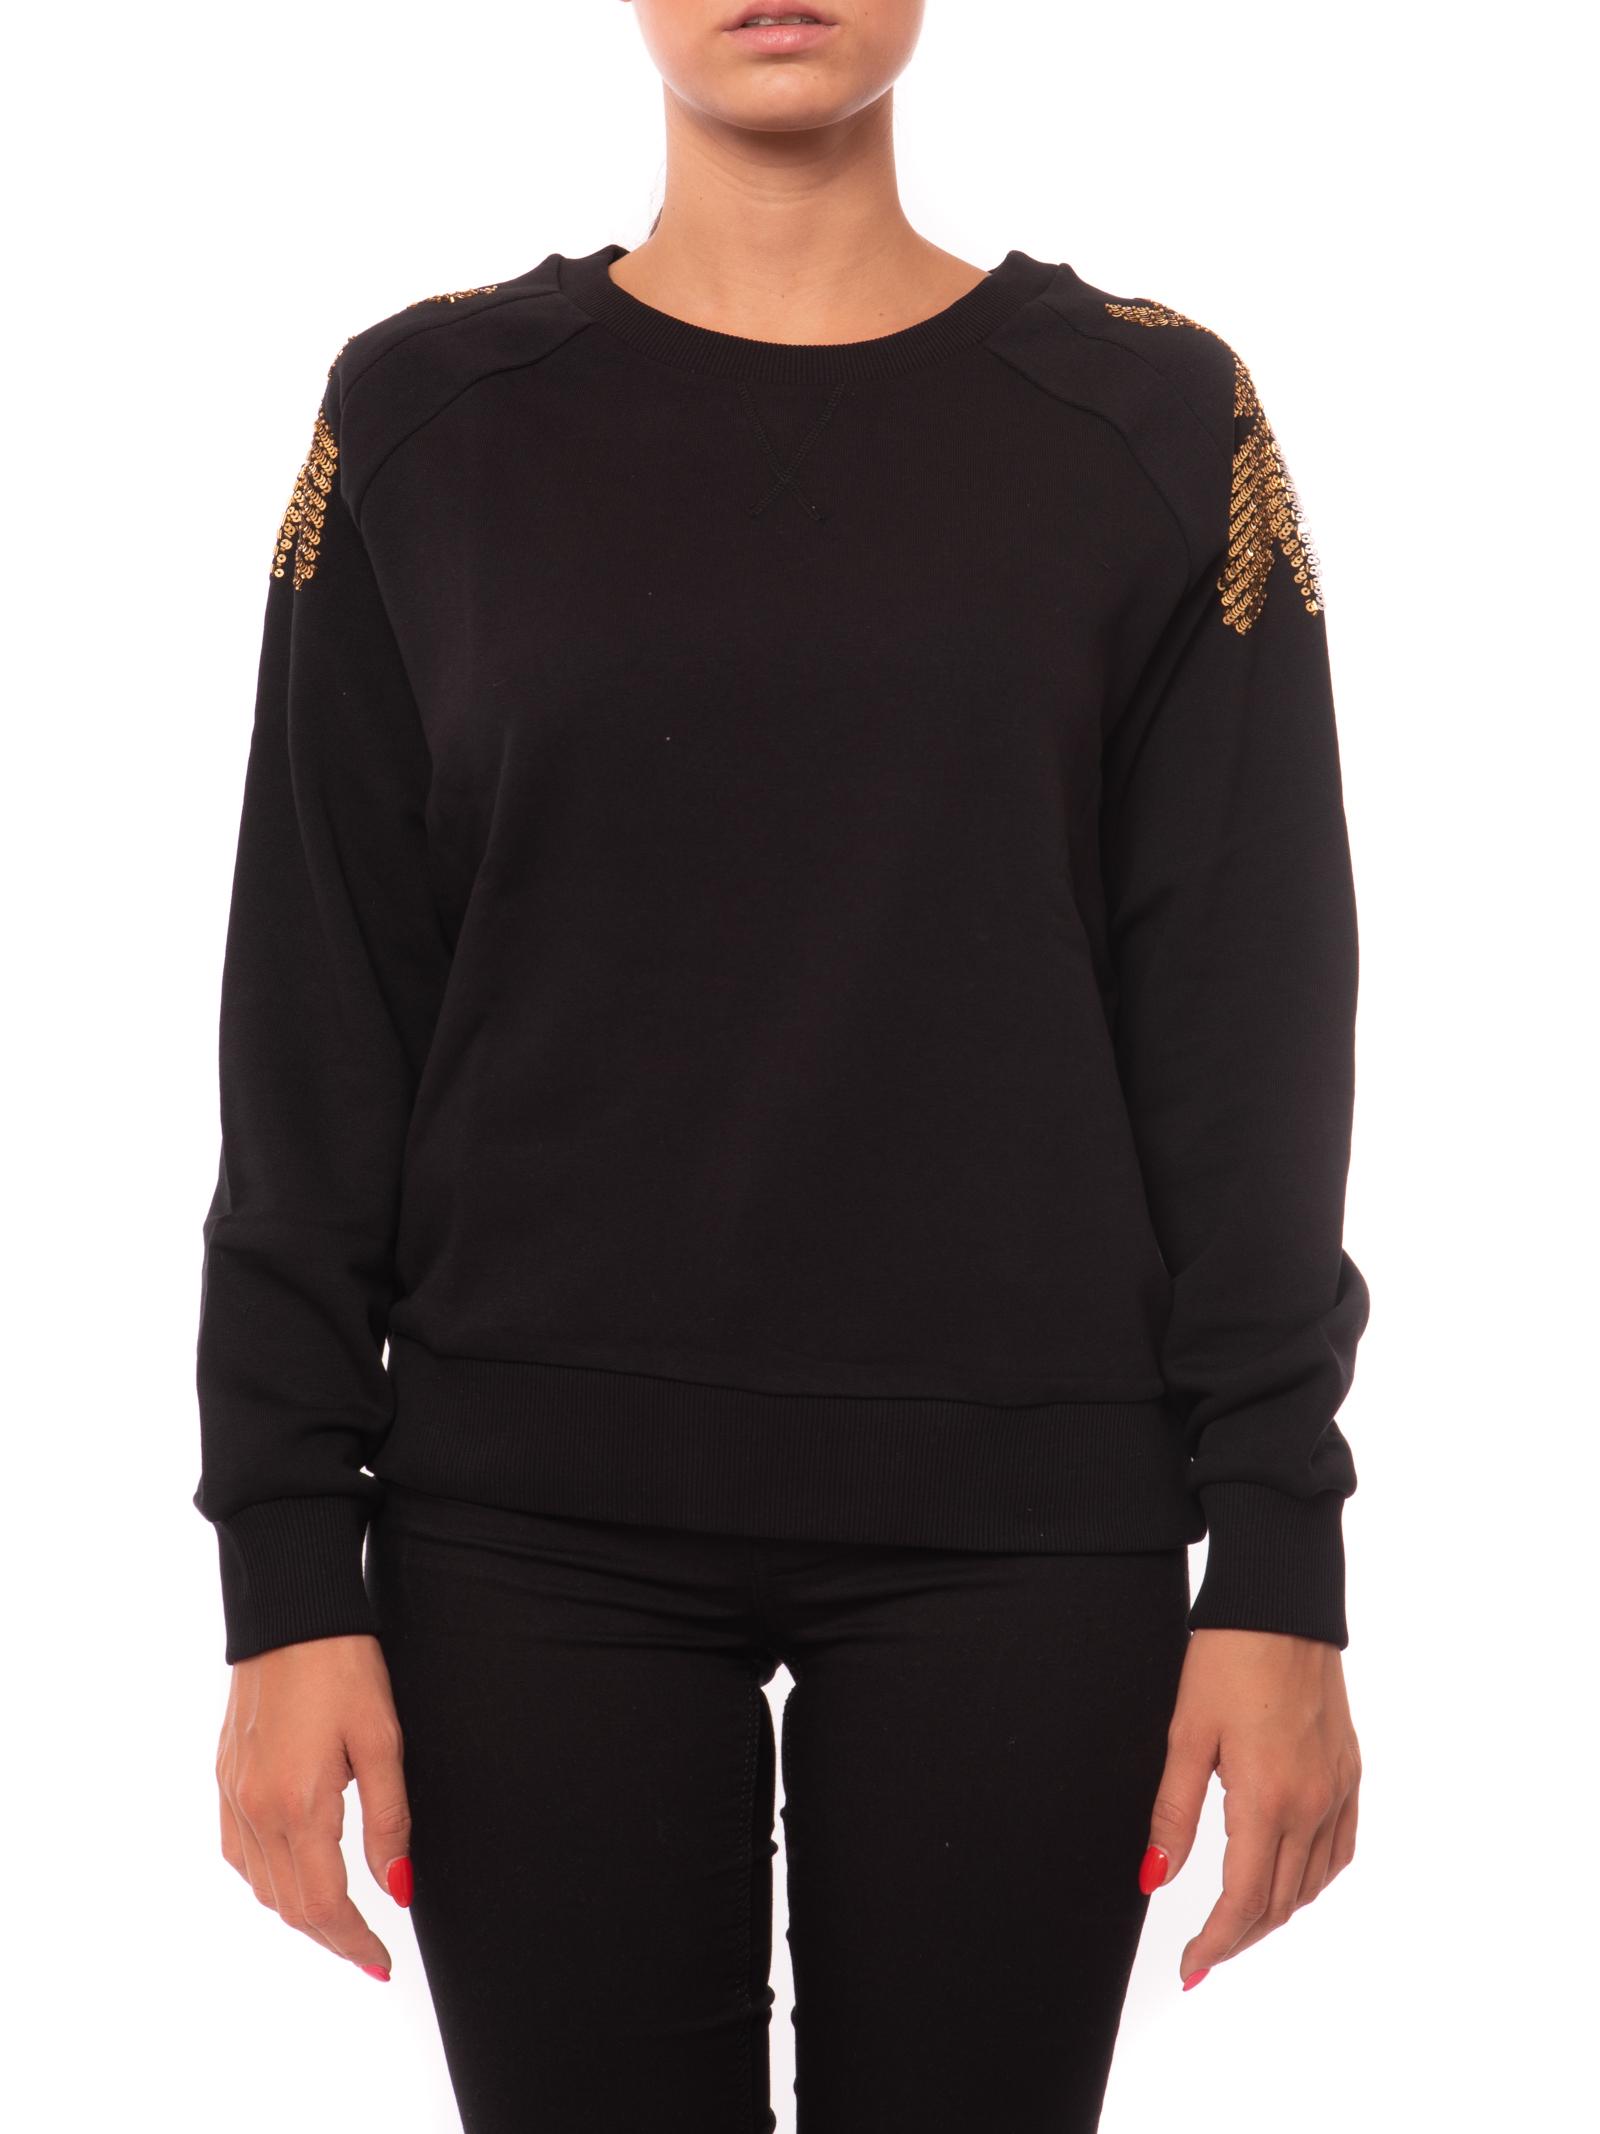 FLY embroidery sweatshirt